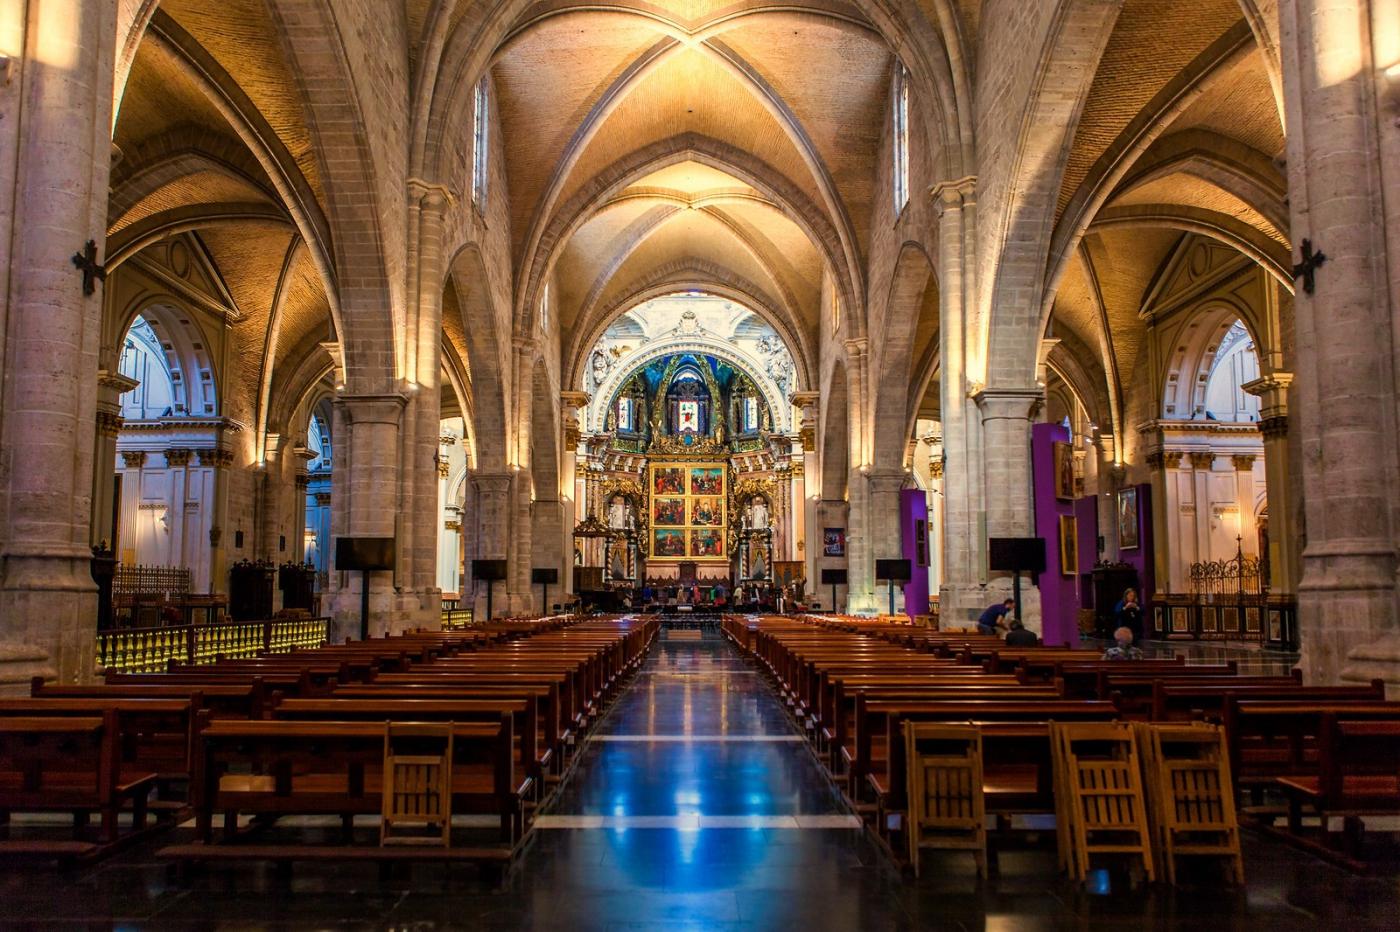 西班牙巴倫西亞主教堂,越看越喜歡_圖1-4